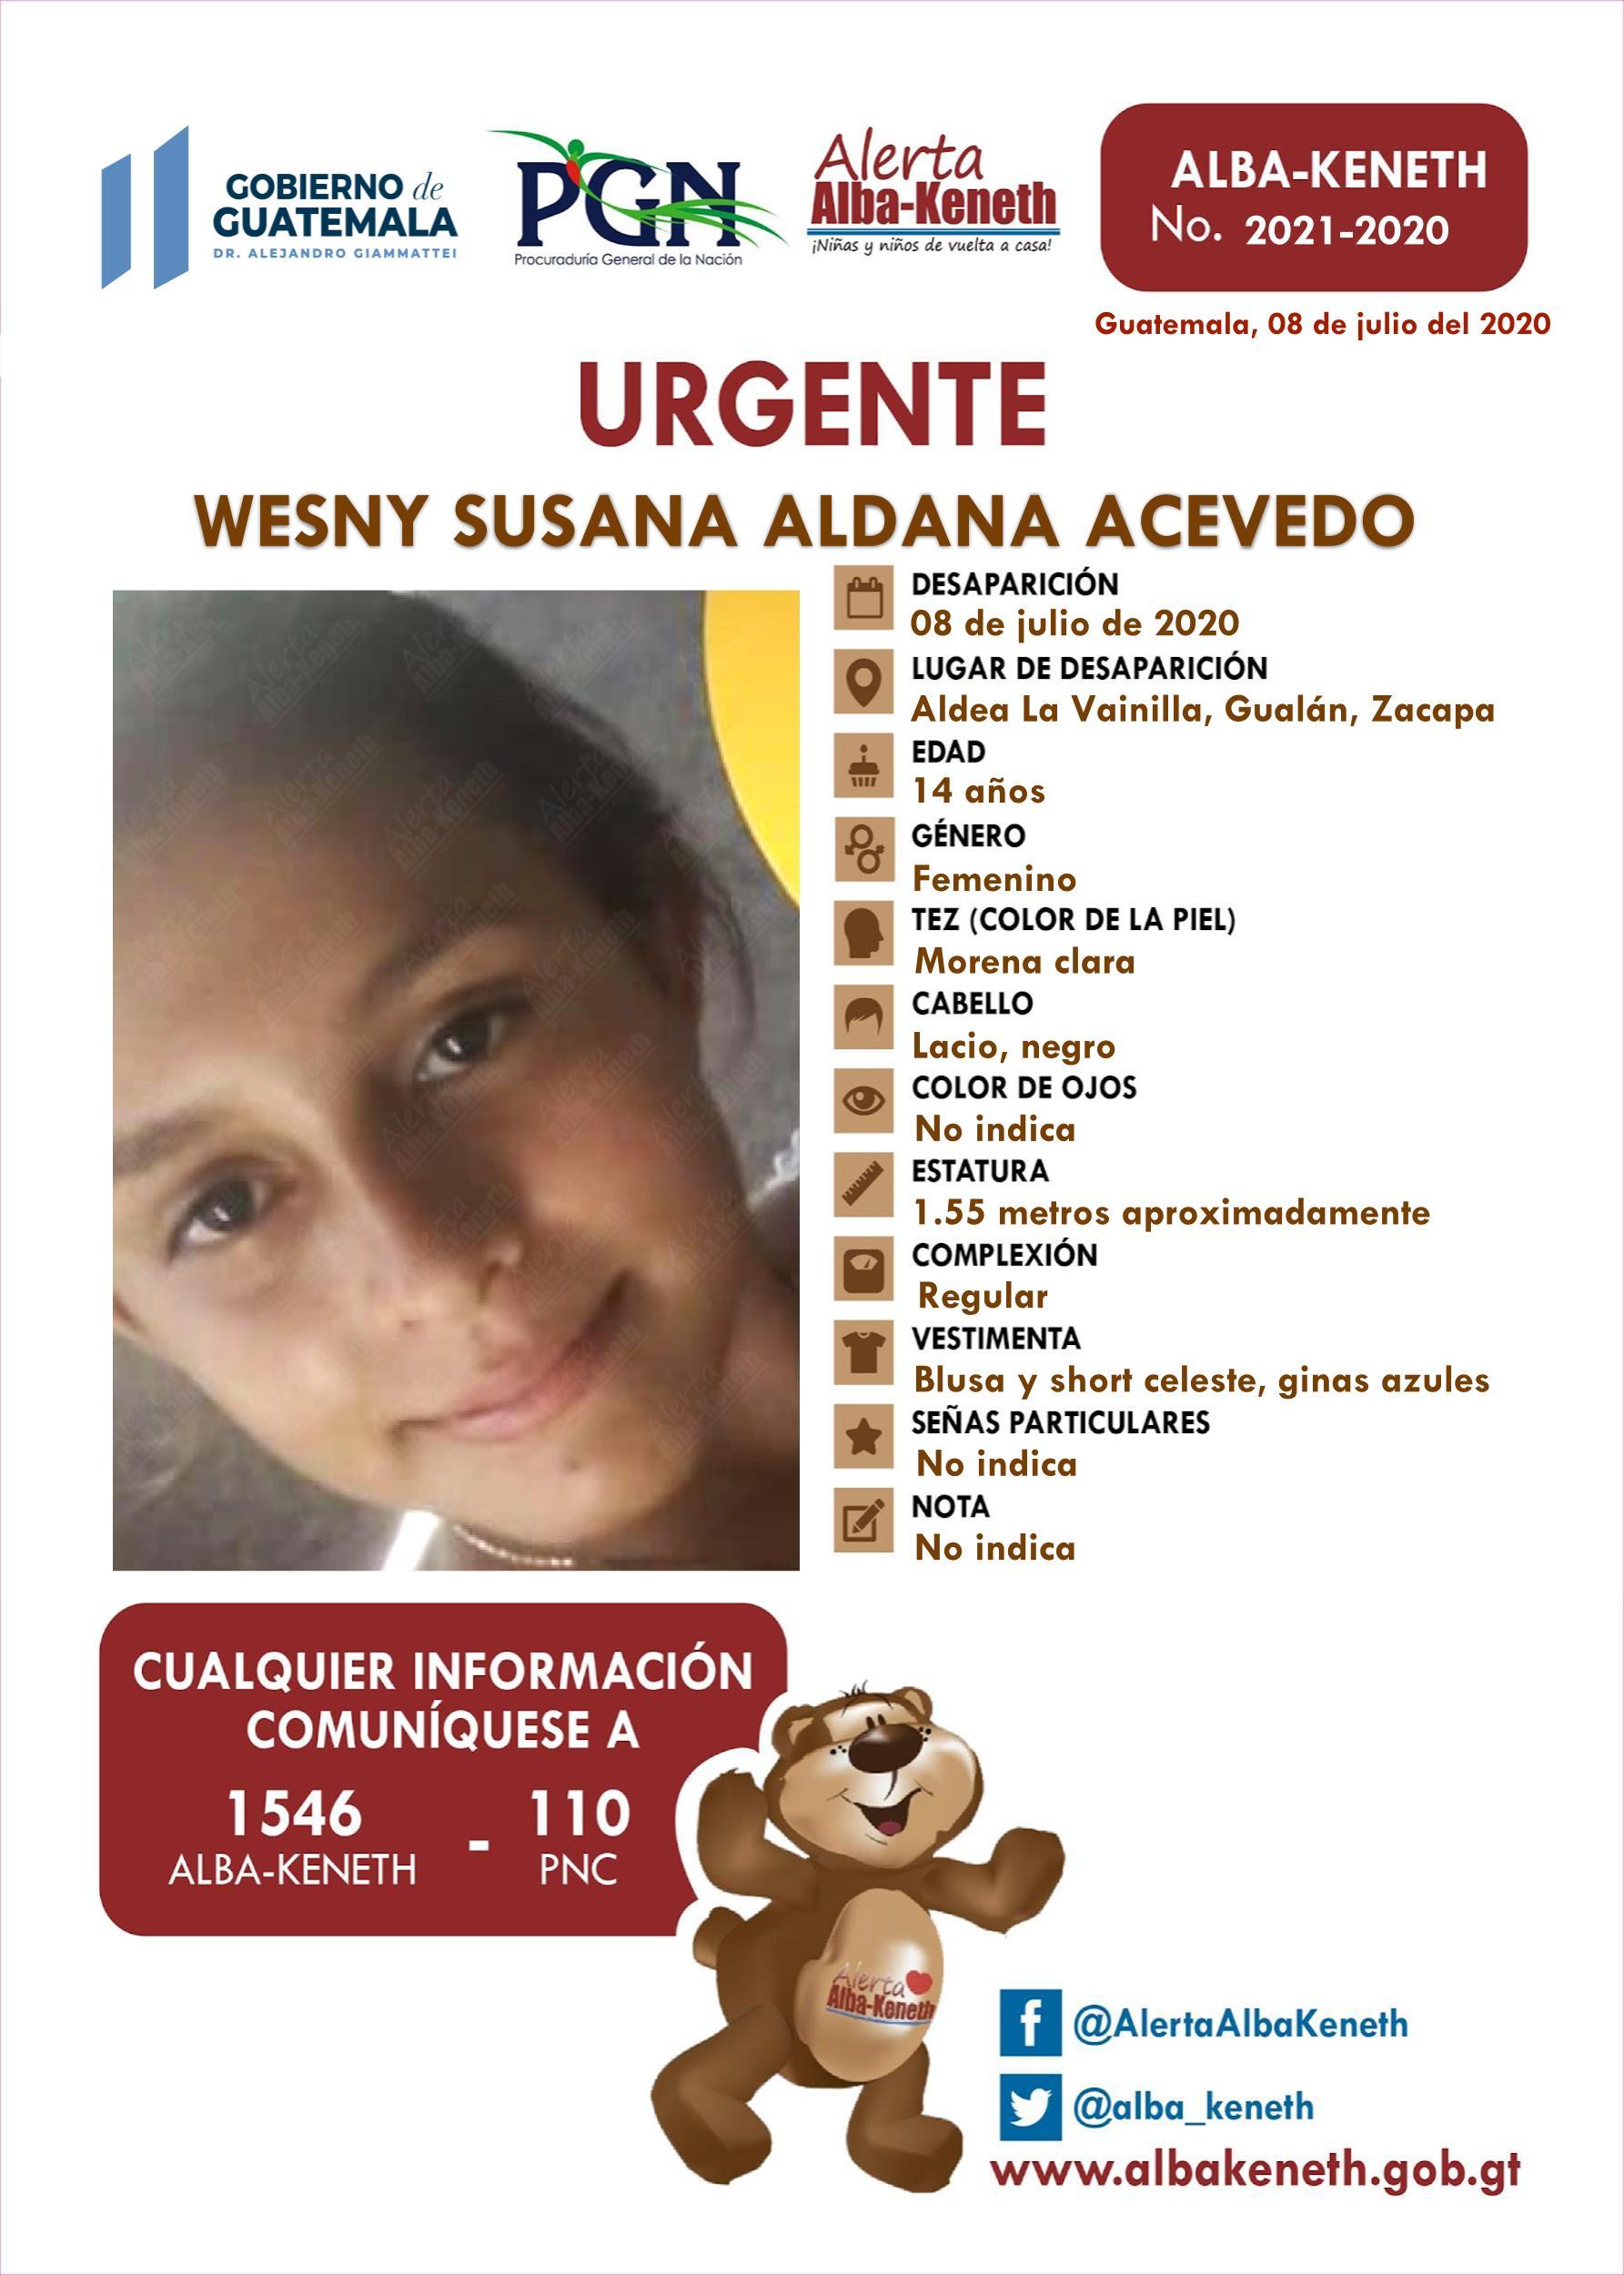 Wesny Susana Aldana Acevedo